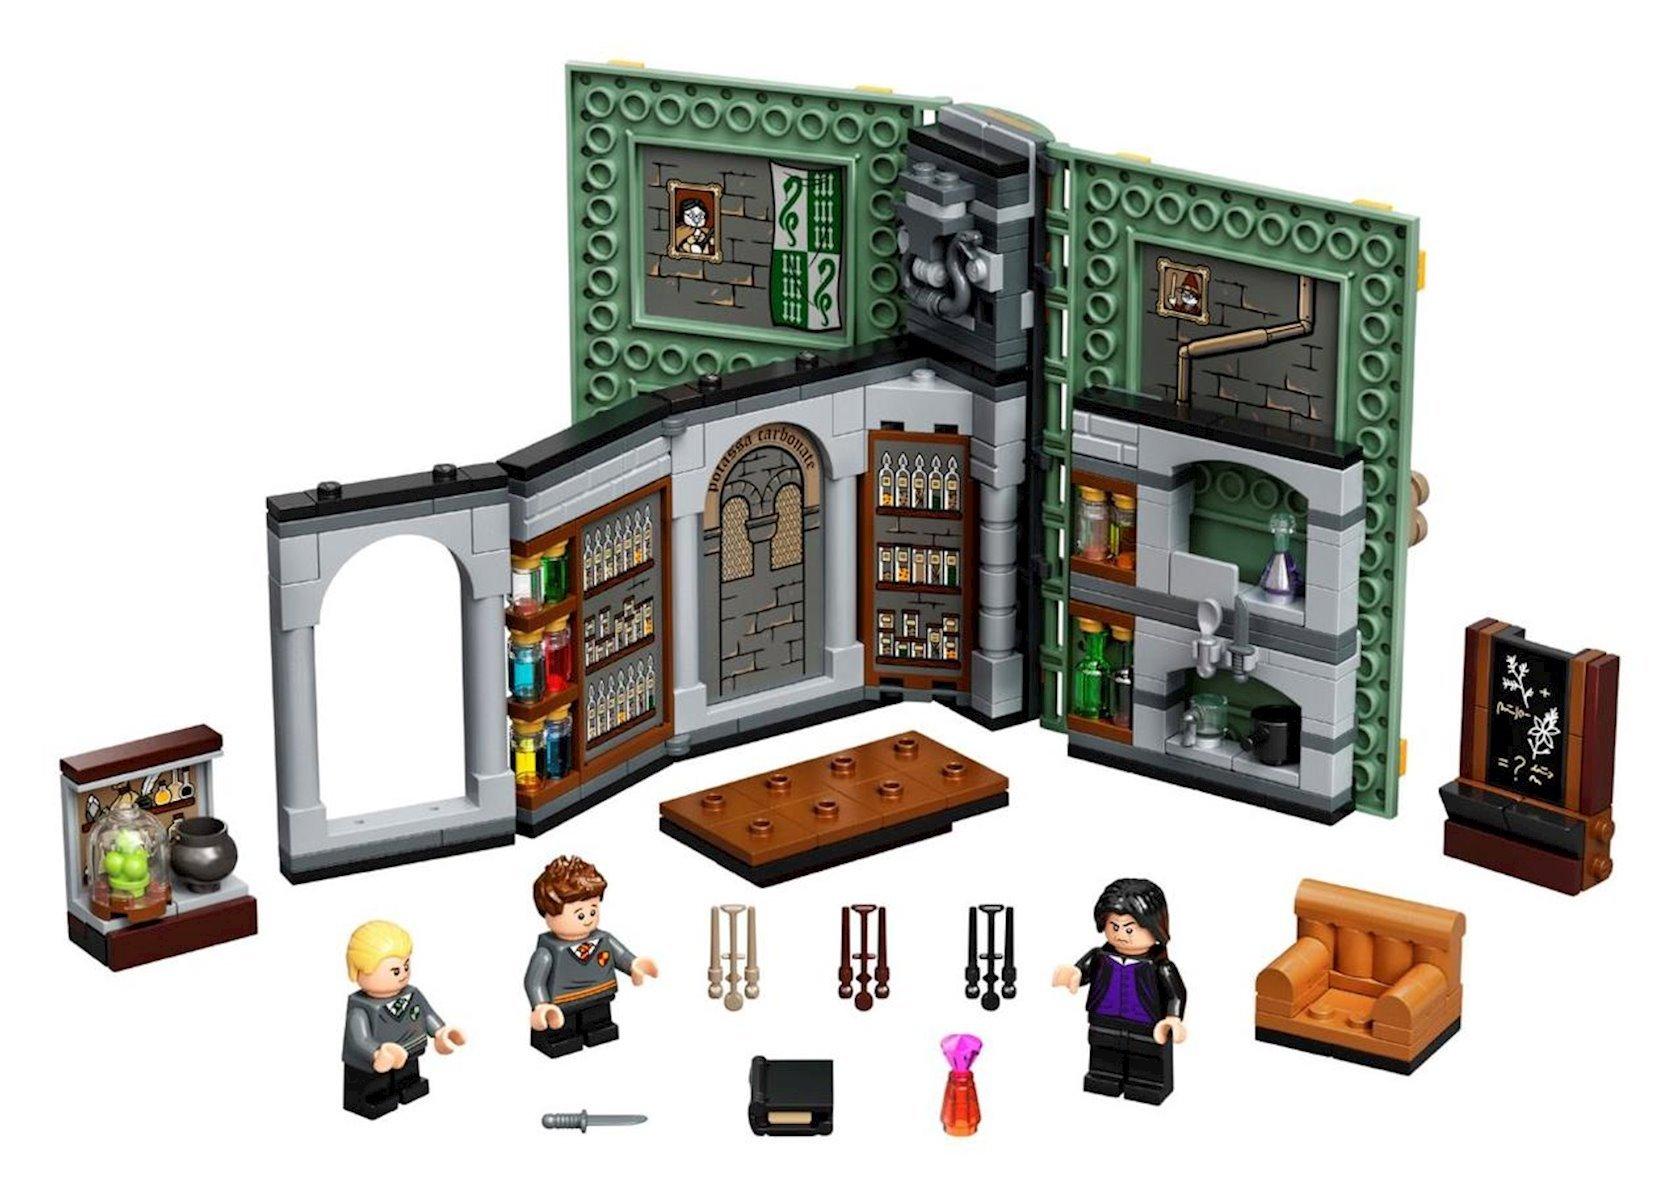 """Konstruktor Lego Harry Potter """"Учеба в Хогвартсе: Урок зельеварения"""""""